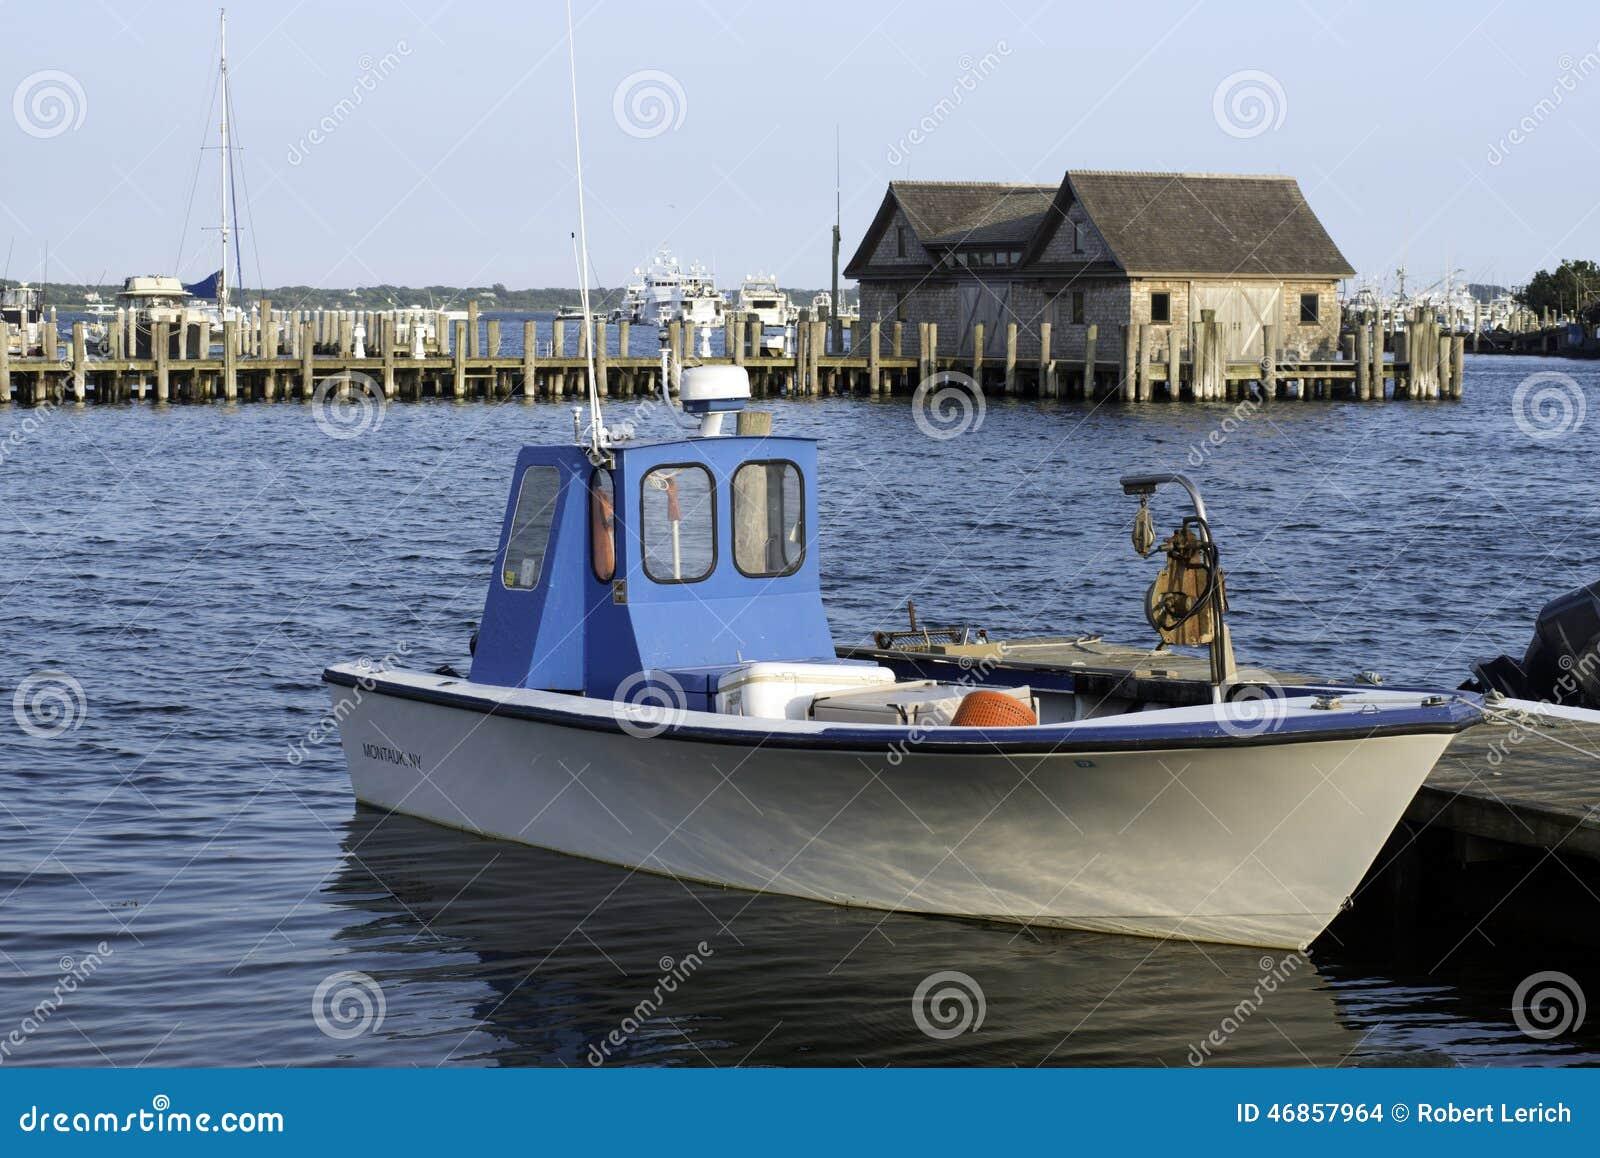 Fishing boat in bay harbor marina montauk new york usa the for Fishing boats nyc